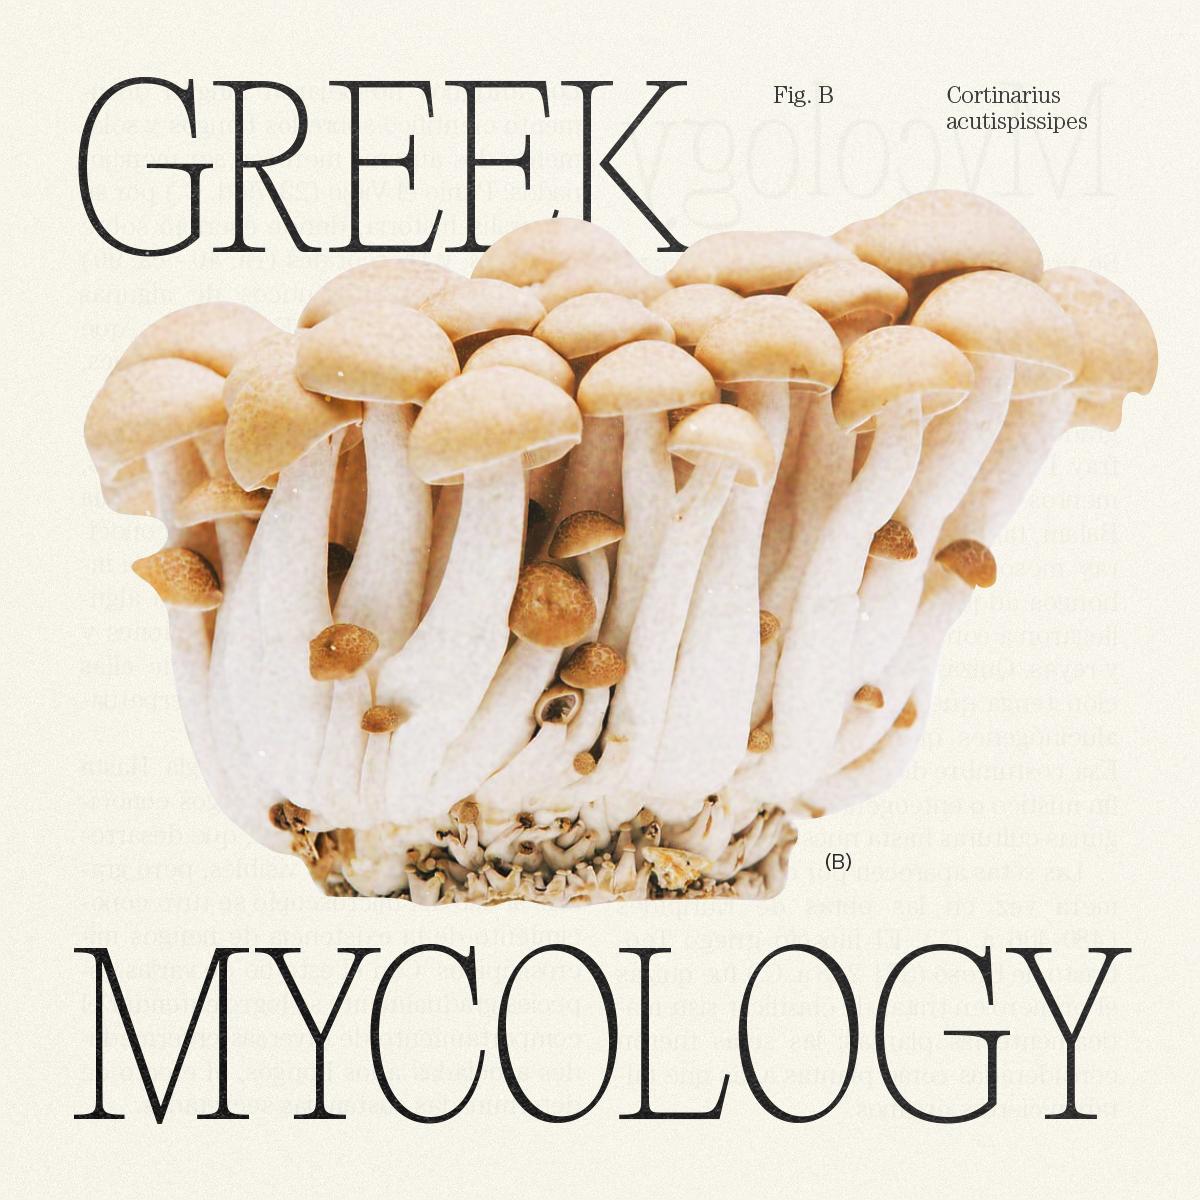 GreekMycology_Idea_MateoBuitrago-03